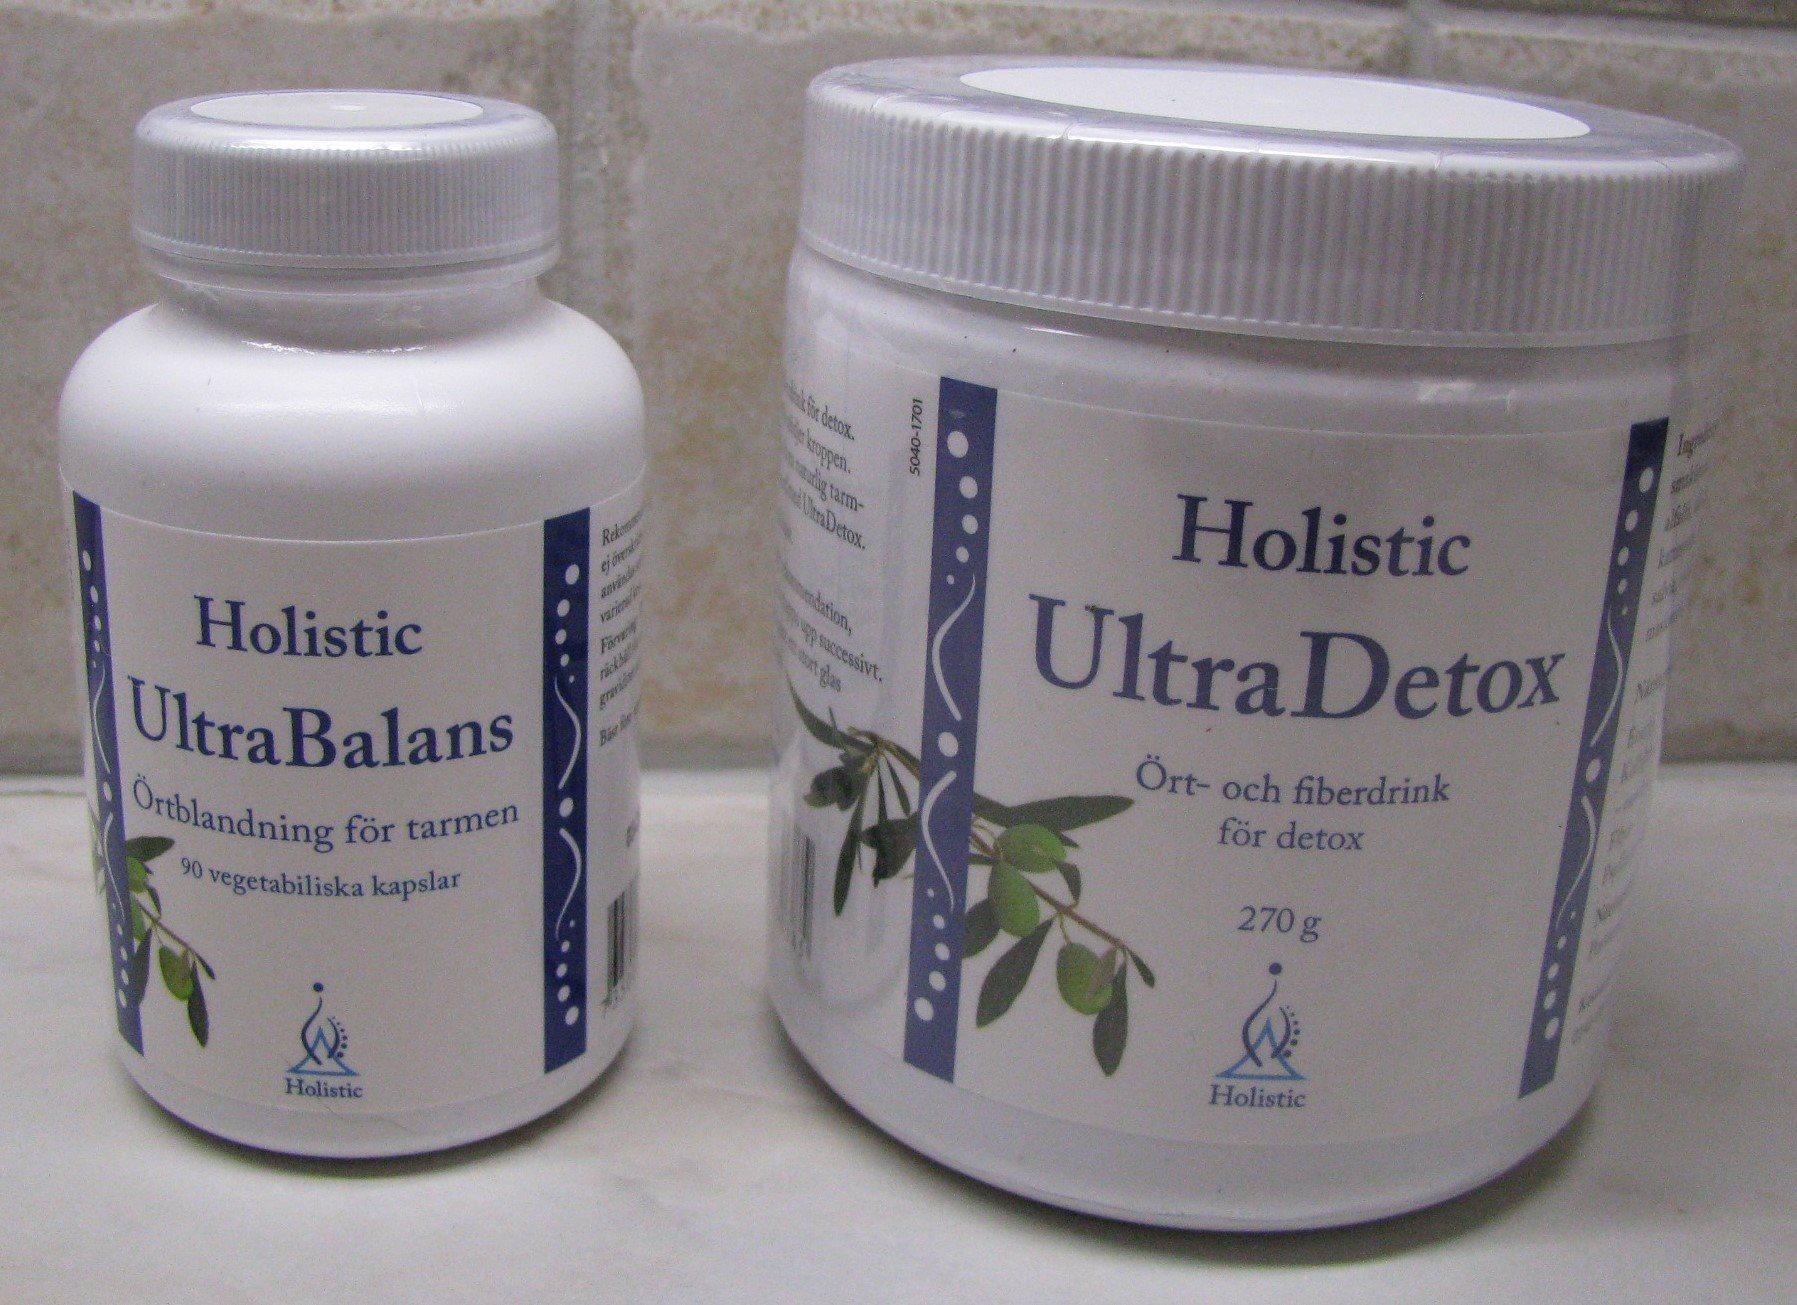 ultradetox och ultrabalans